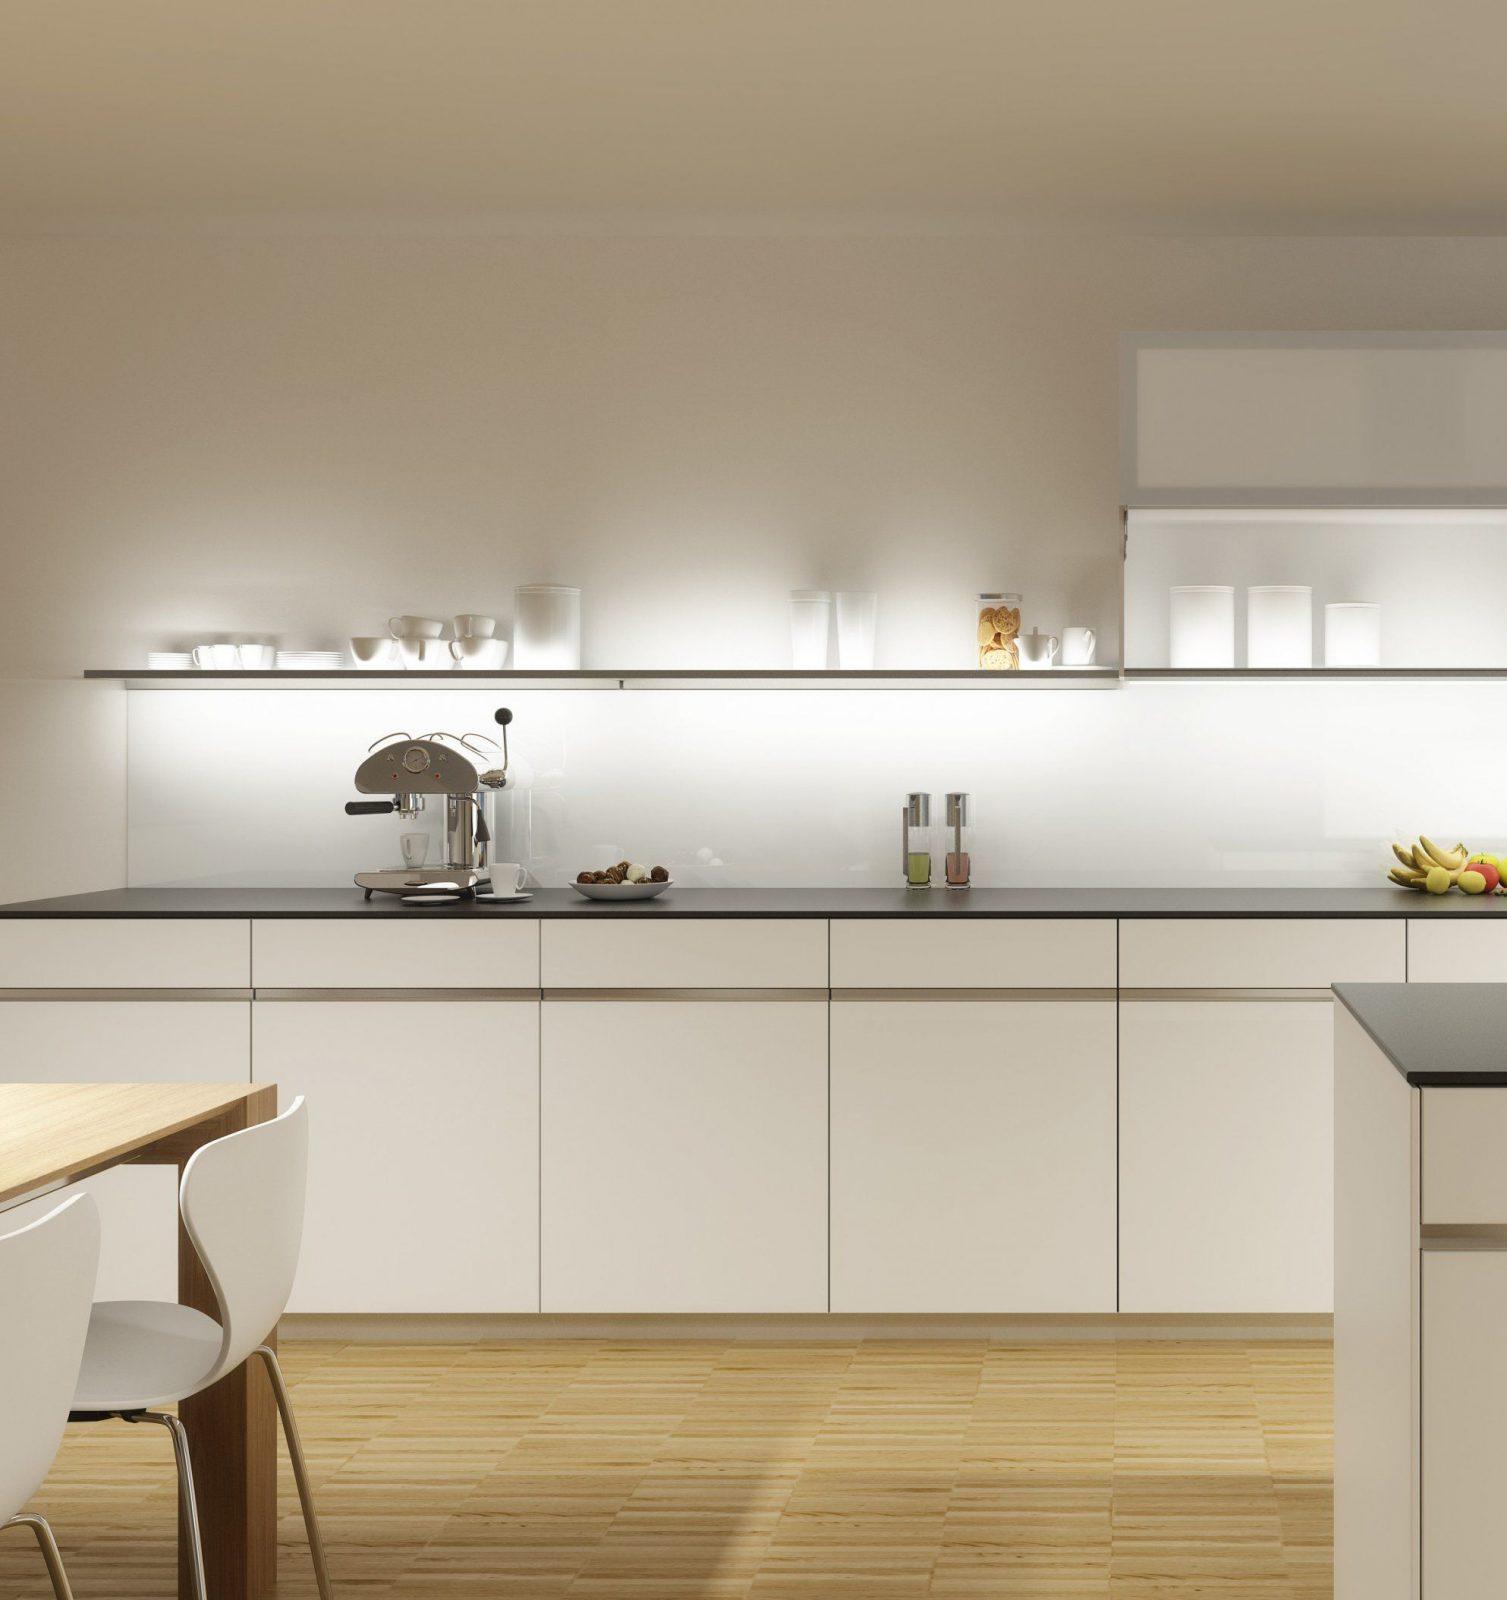 Beleuchtung Küche Ohne Oberschränke Küchenzeile von Beleuchtung ...